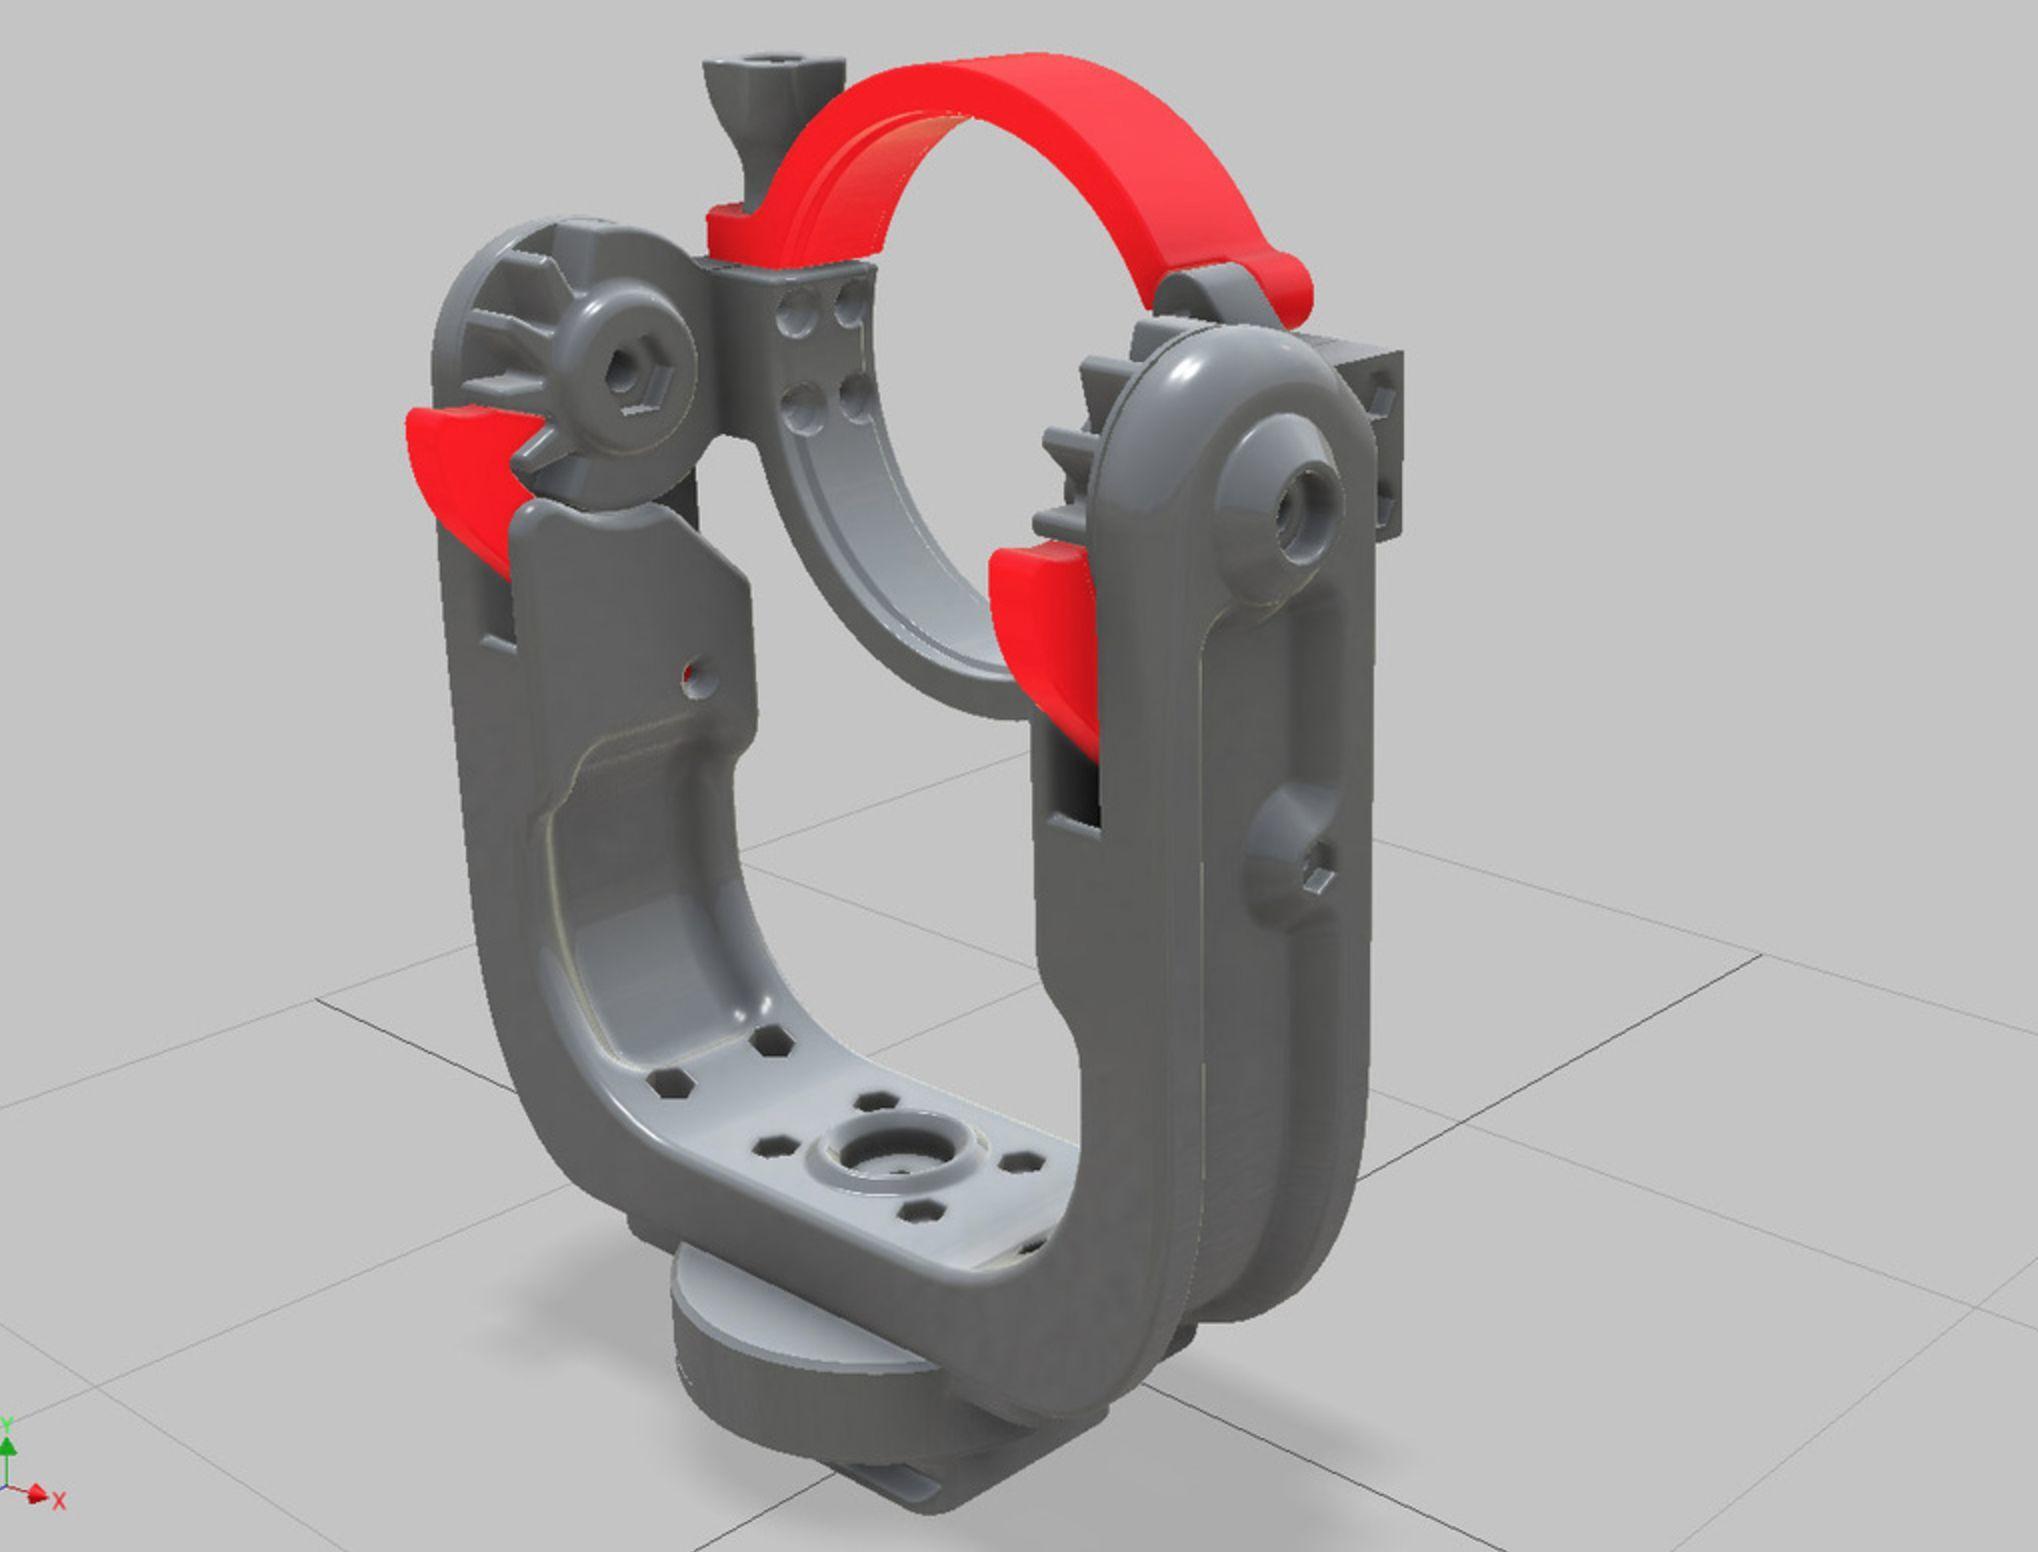 Rótula de anillo, en U, impresa en 3D — Comentarios e impresiones ...